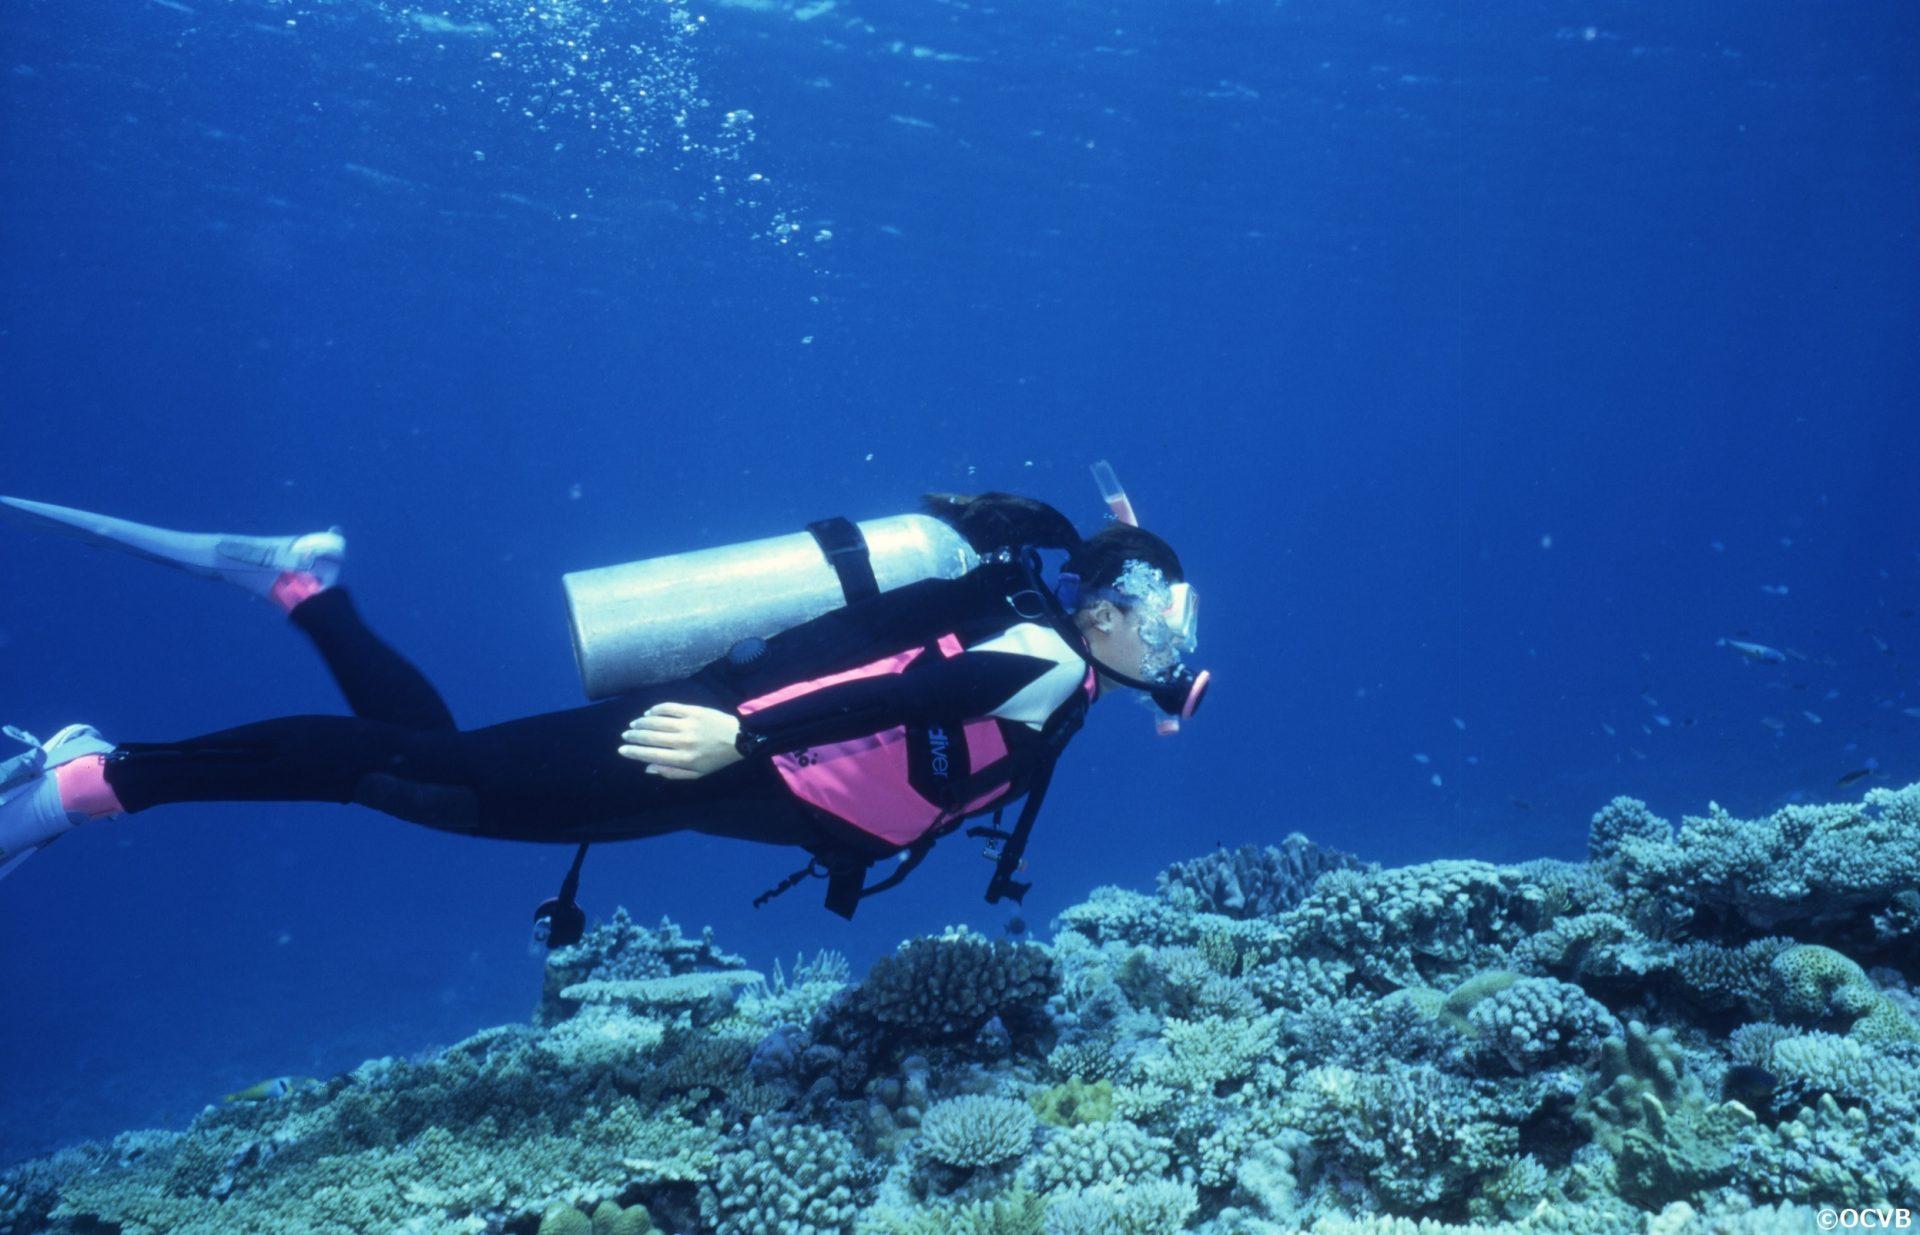 ダイビング 体験 沖縄 旅行 カップル